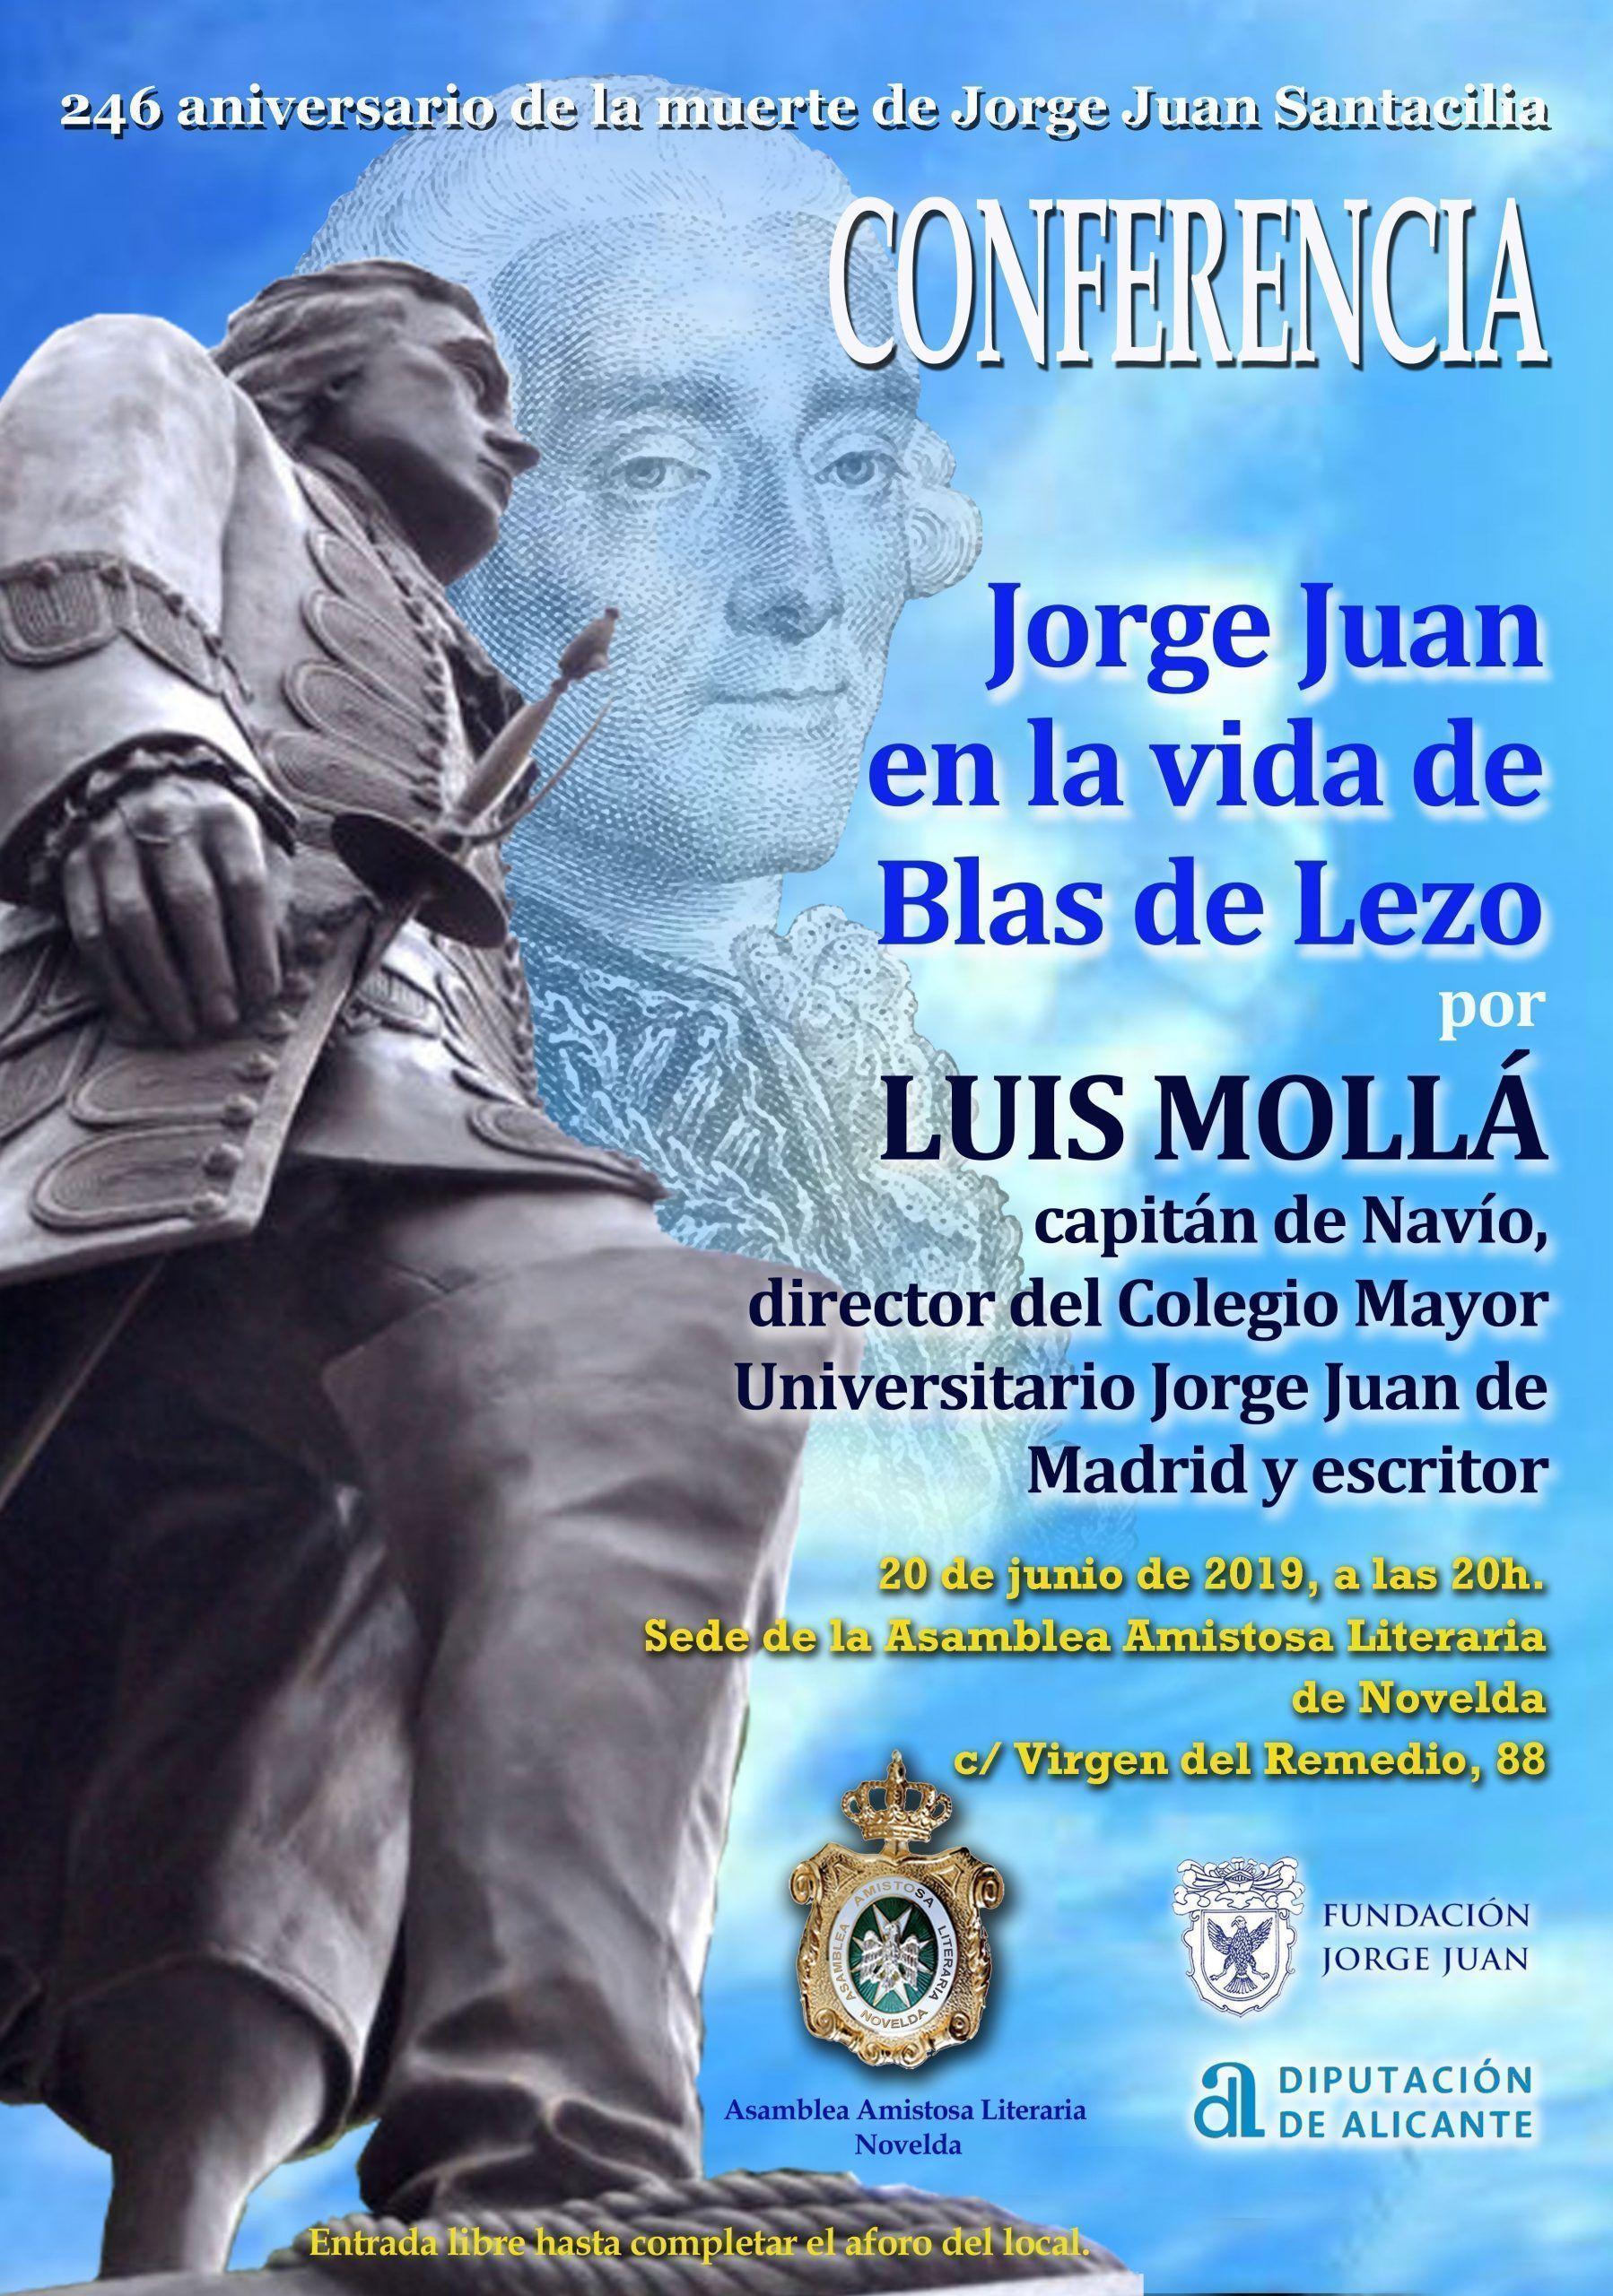 Jorge Juan en la vida de Blas de Lezo